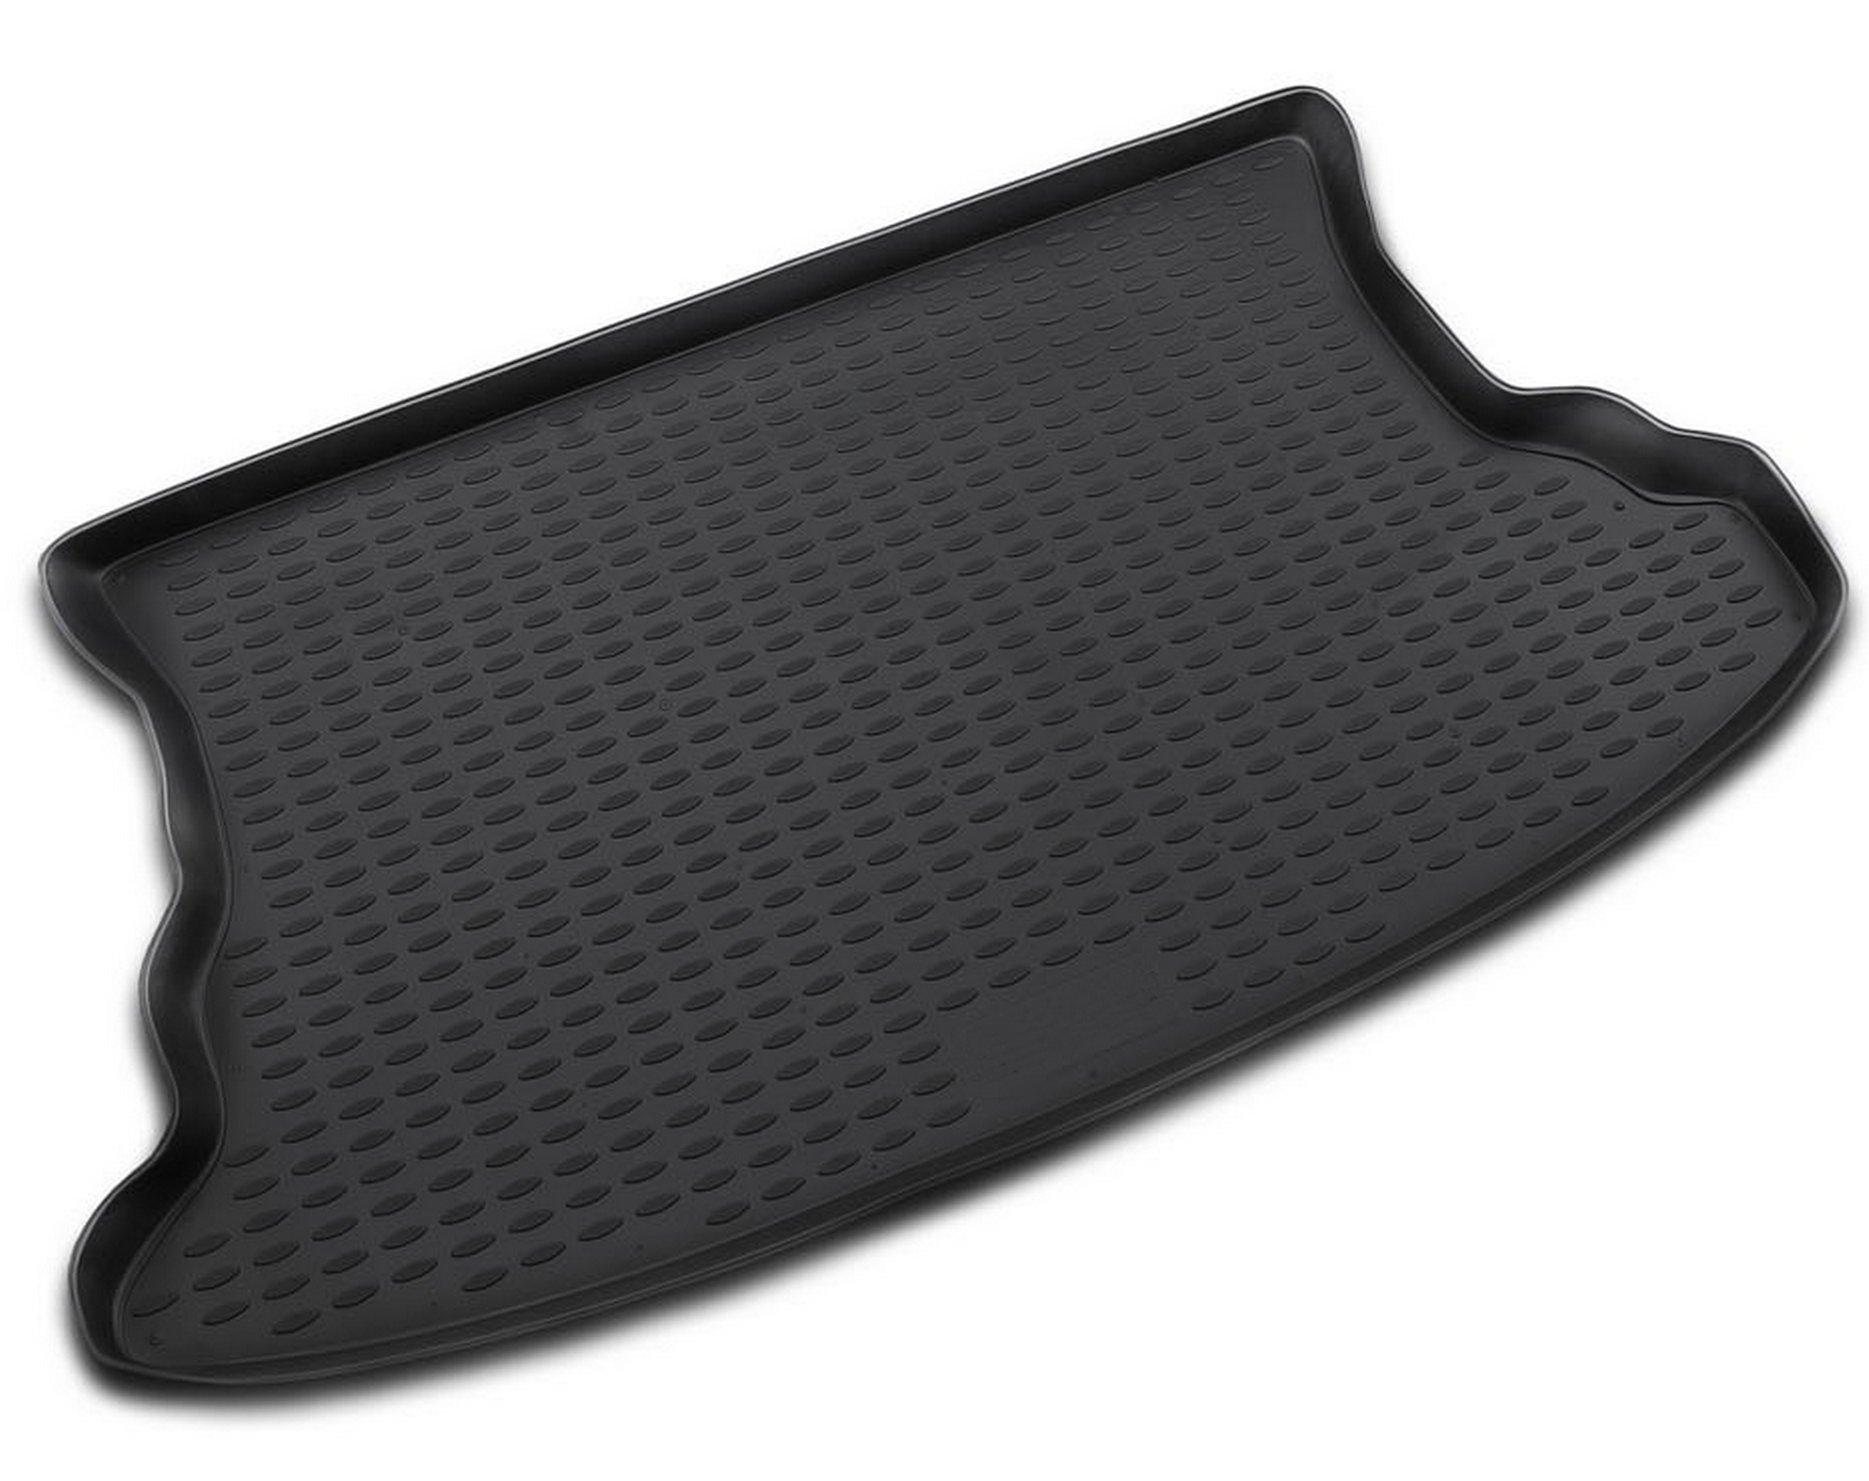 rutschfest AD Tuning TM30008 Passform Gummi Kofferraumwanne schwarz